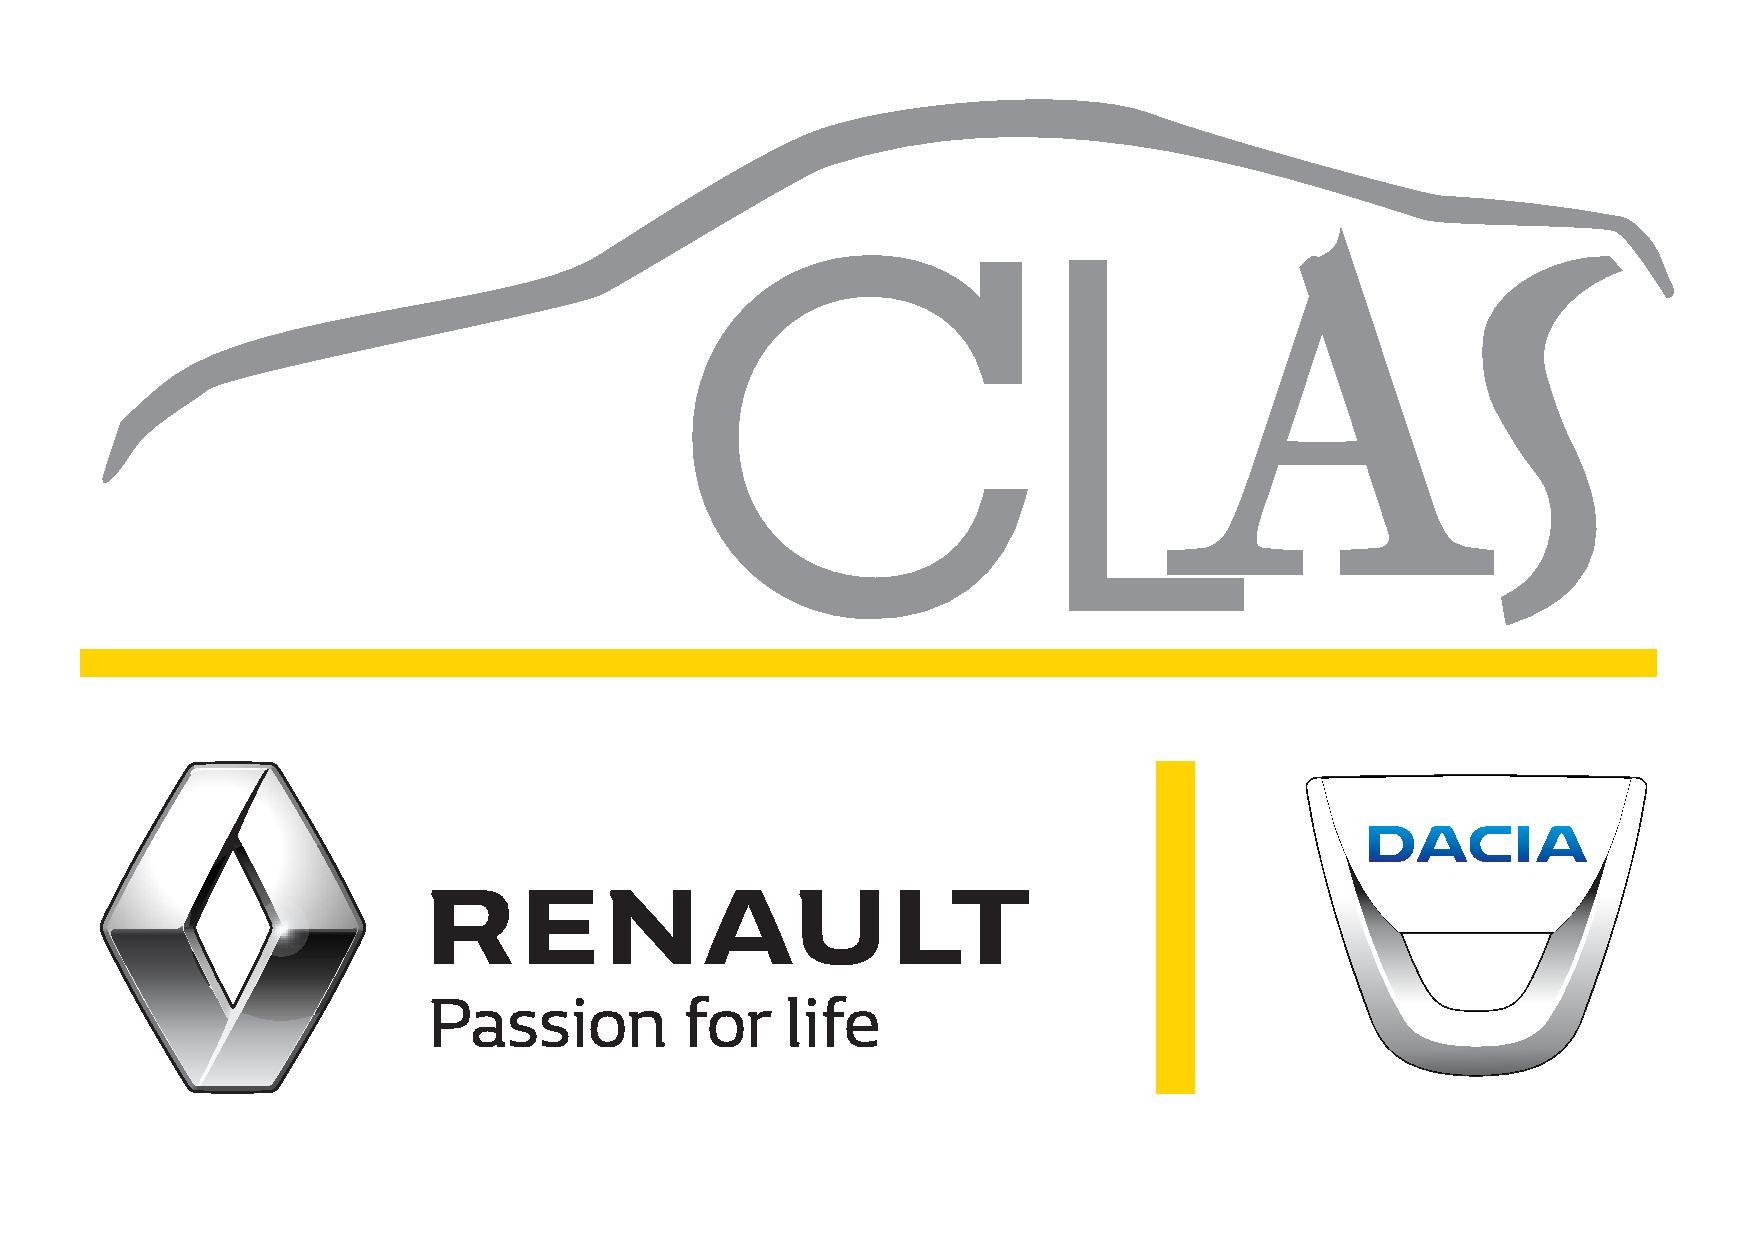 Clas concessionaria Renault – Dacia